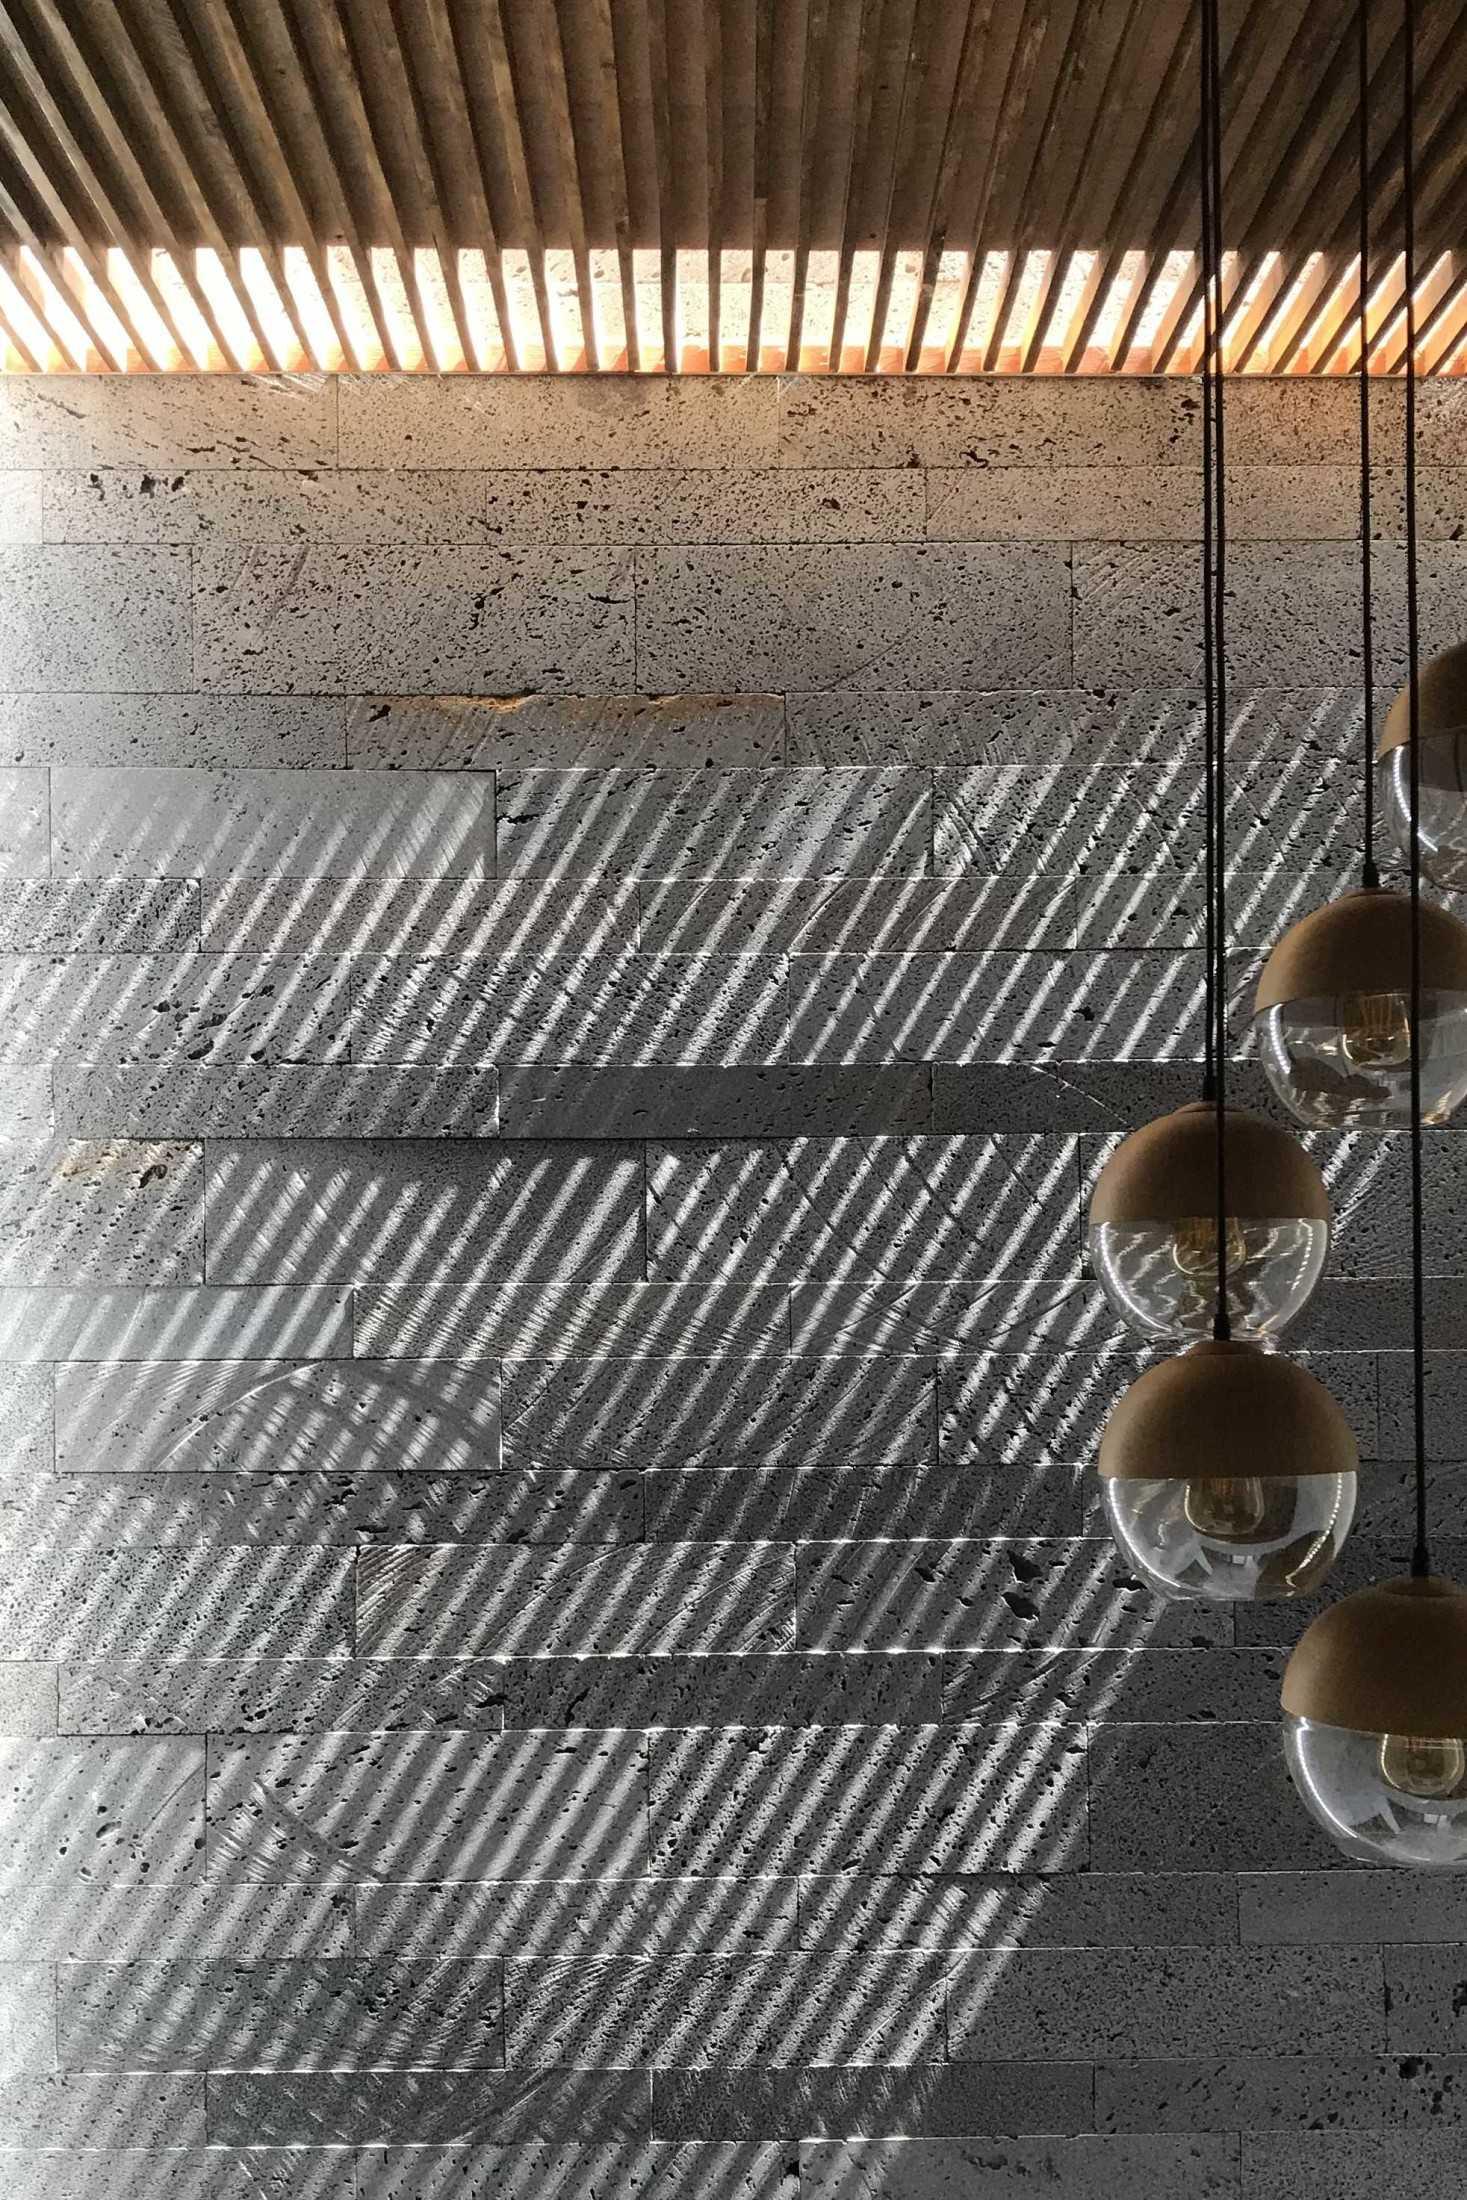 Jena Architect Casa Indah Pemogan, Kec. Denpasar Sel., Kota Denpasar, Bali, Indonesia Pemogan, Kec. Denpasar Sel., Kota Denpasar, Bali, Indonesia Jena-Architect-Casa-Indah  109164